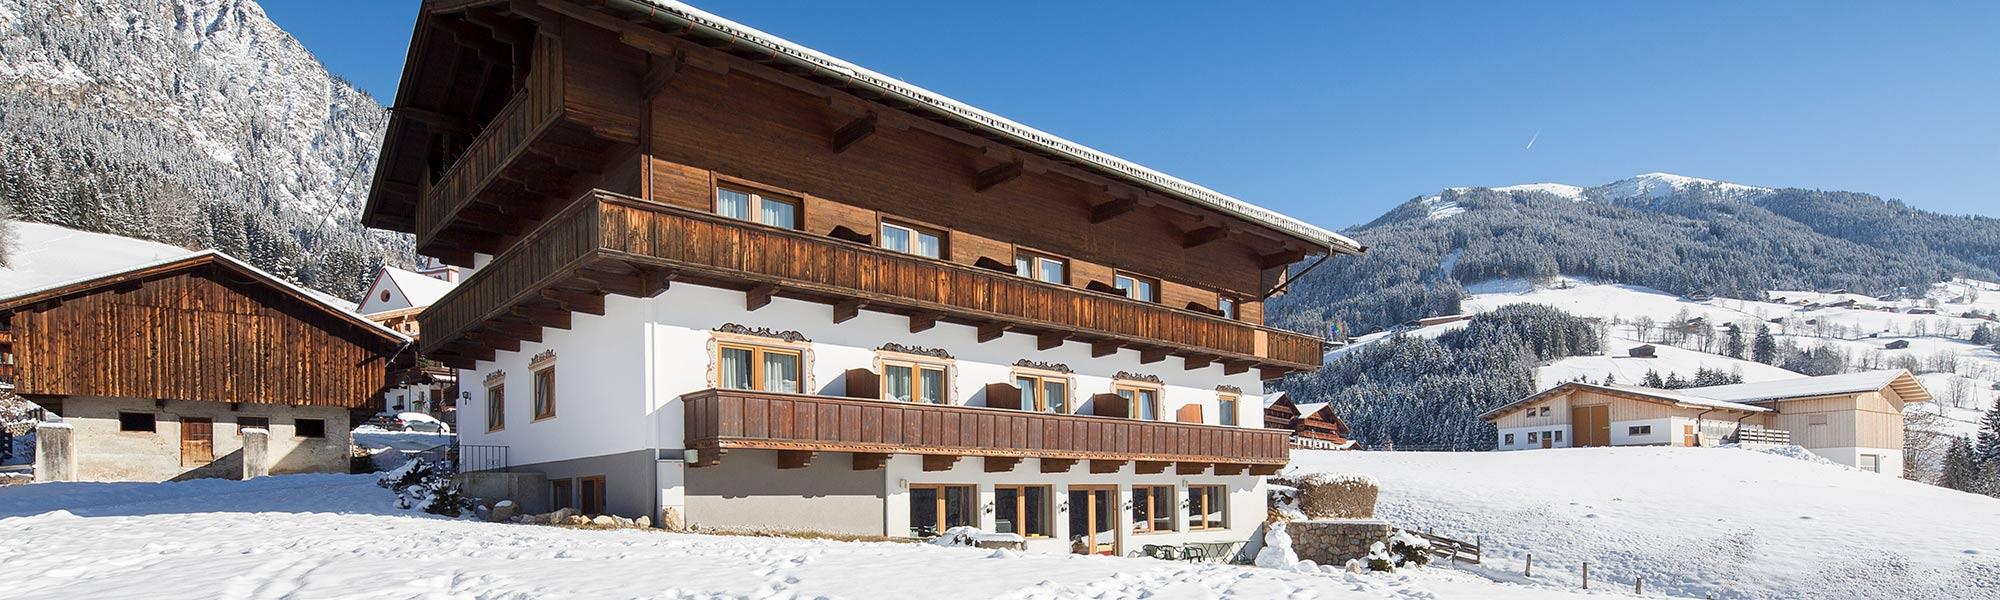 Bischofer Alpbach Hotel Haus Andreas Klara Rossstall